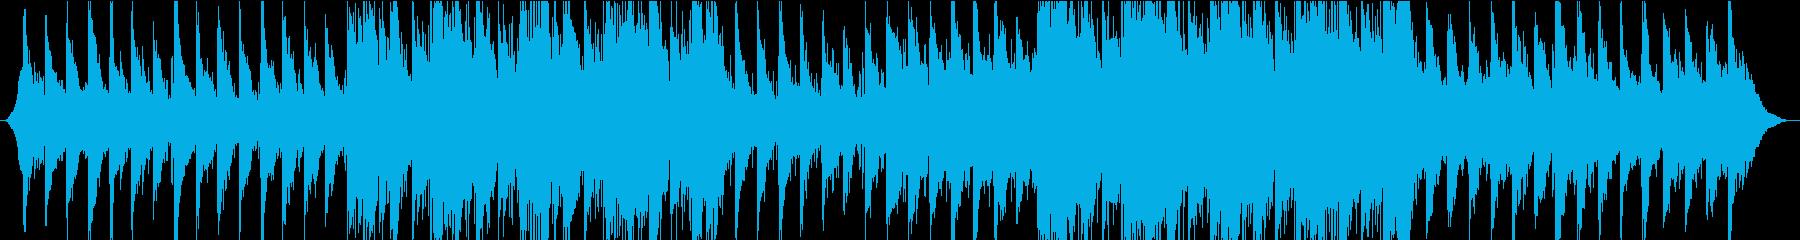 ポジティブでシンプルなピアノコーポレートの再生済みの波形